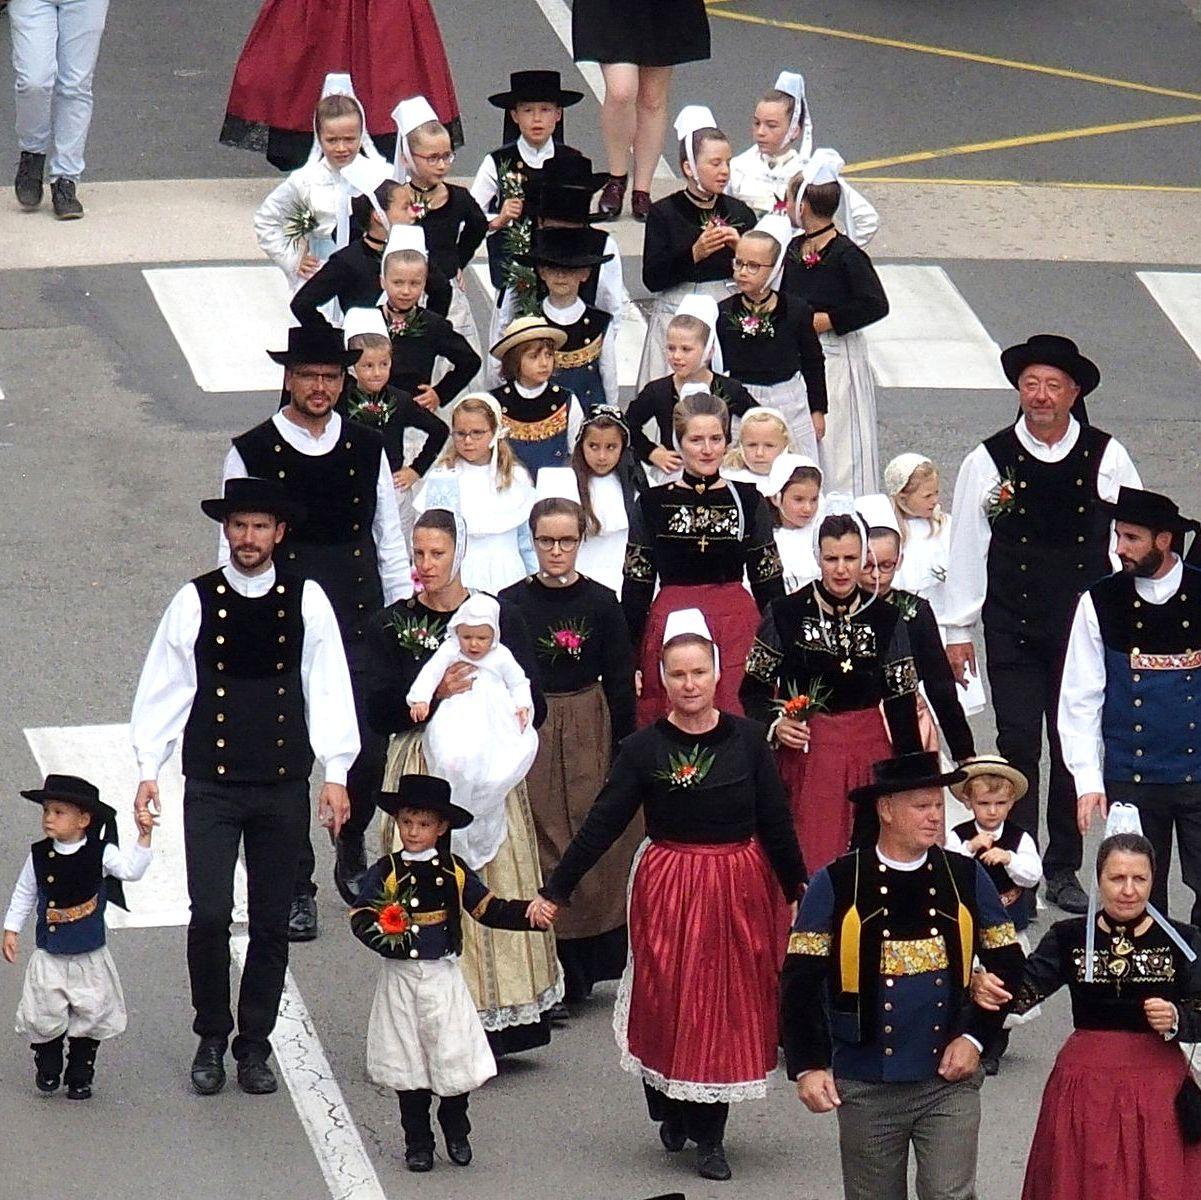 Groupe Festival de Cornouaille Quimper.